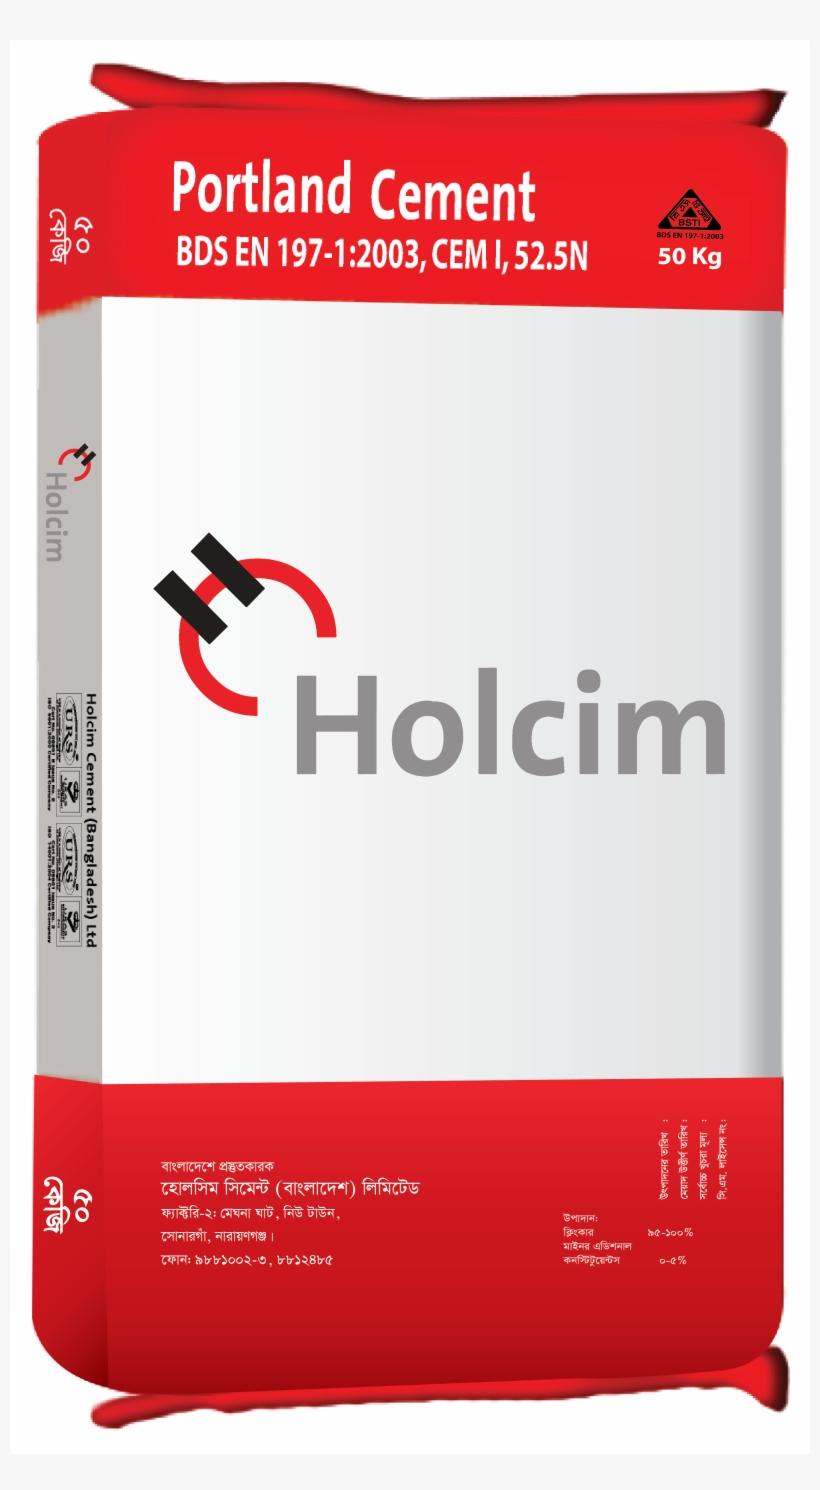 Holcim Red Pack01.